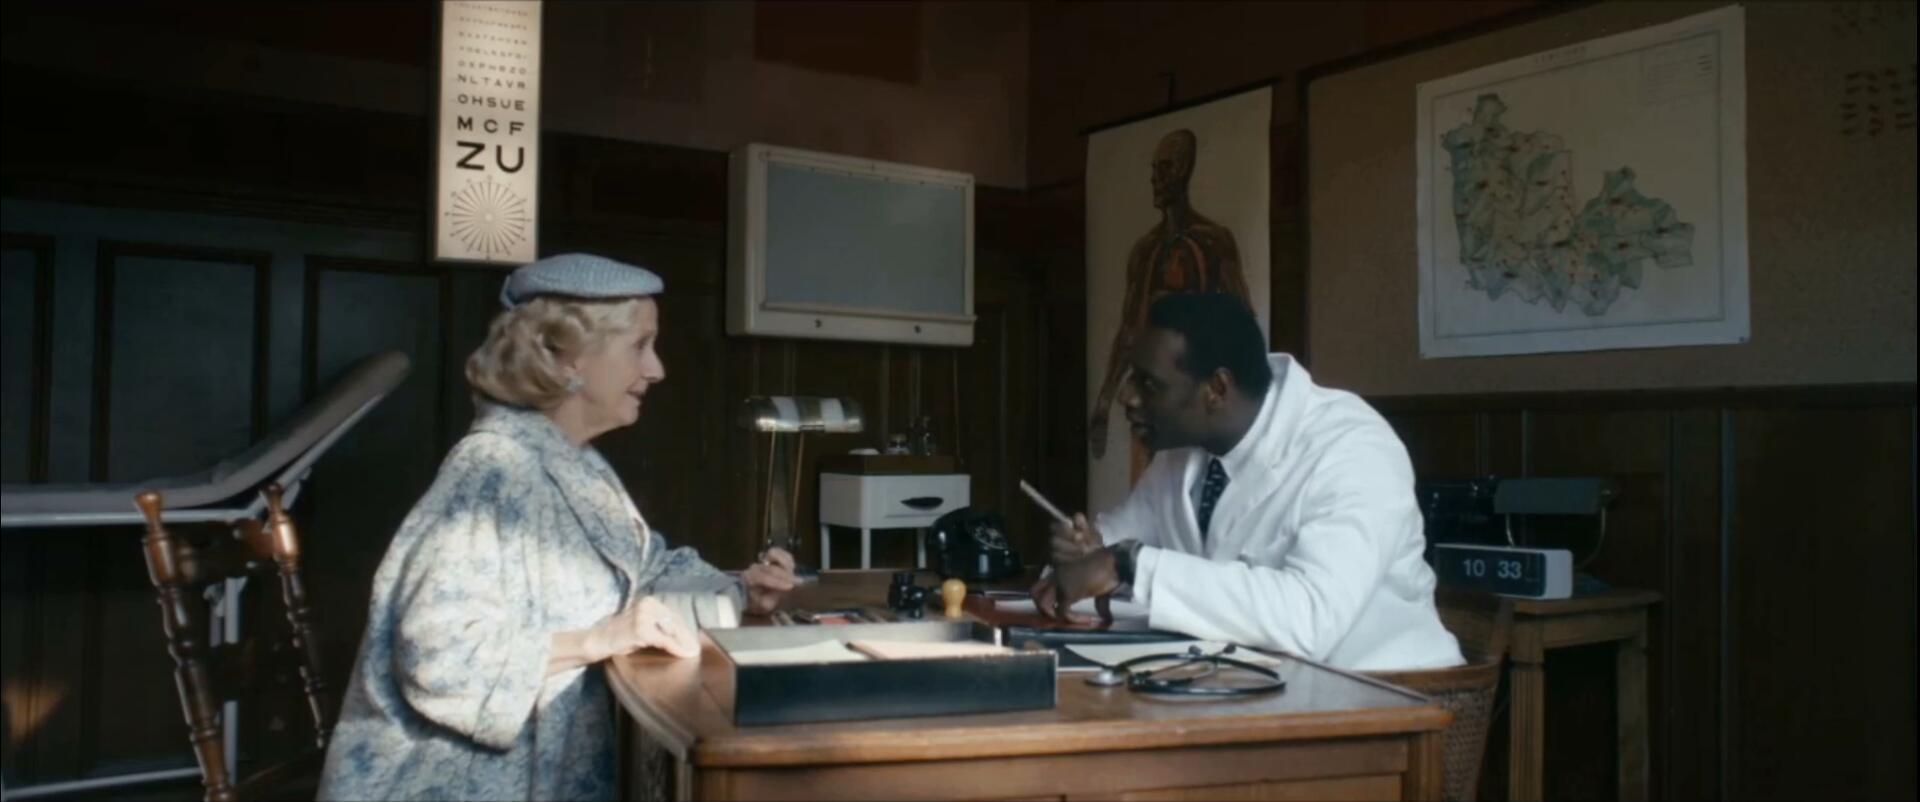 #经典看电影#这是我见过最会搞钱的医生,整蛊让你捧腹大笑